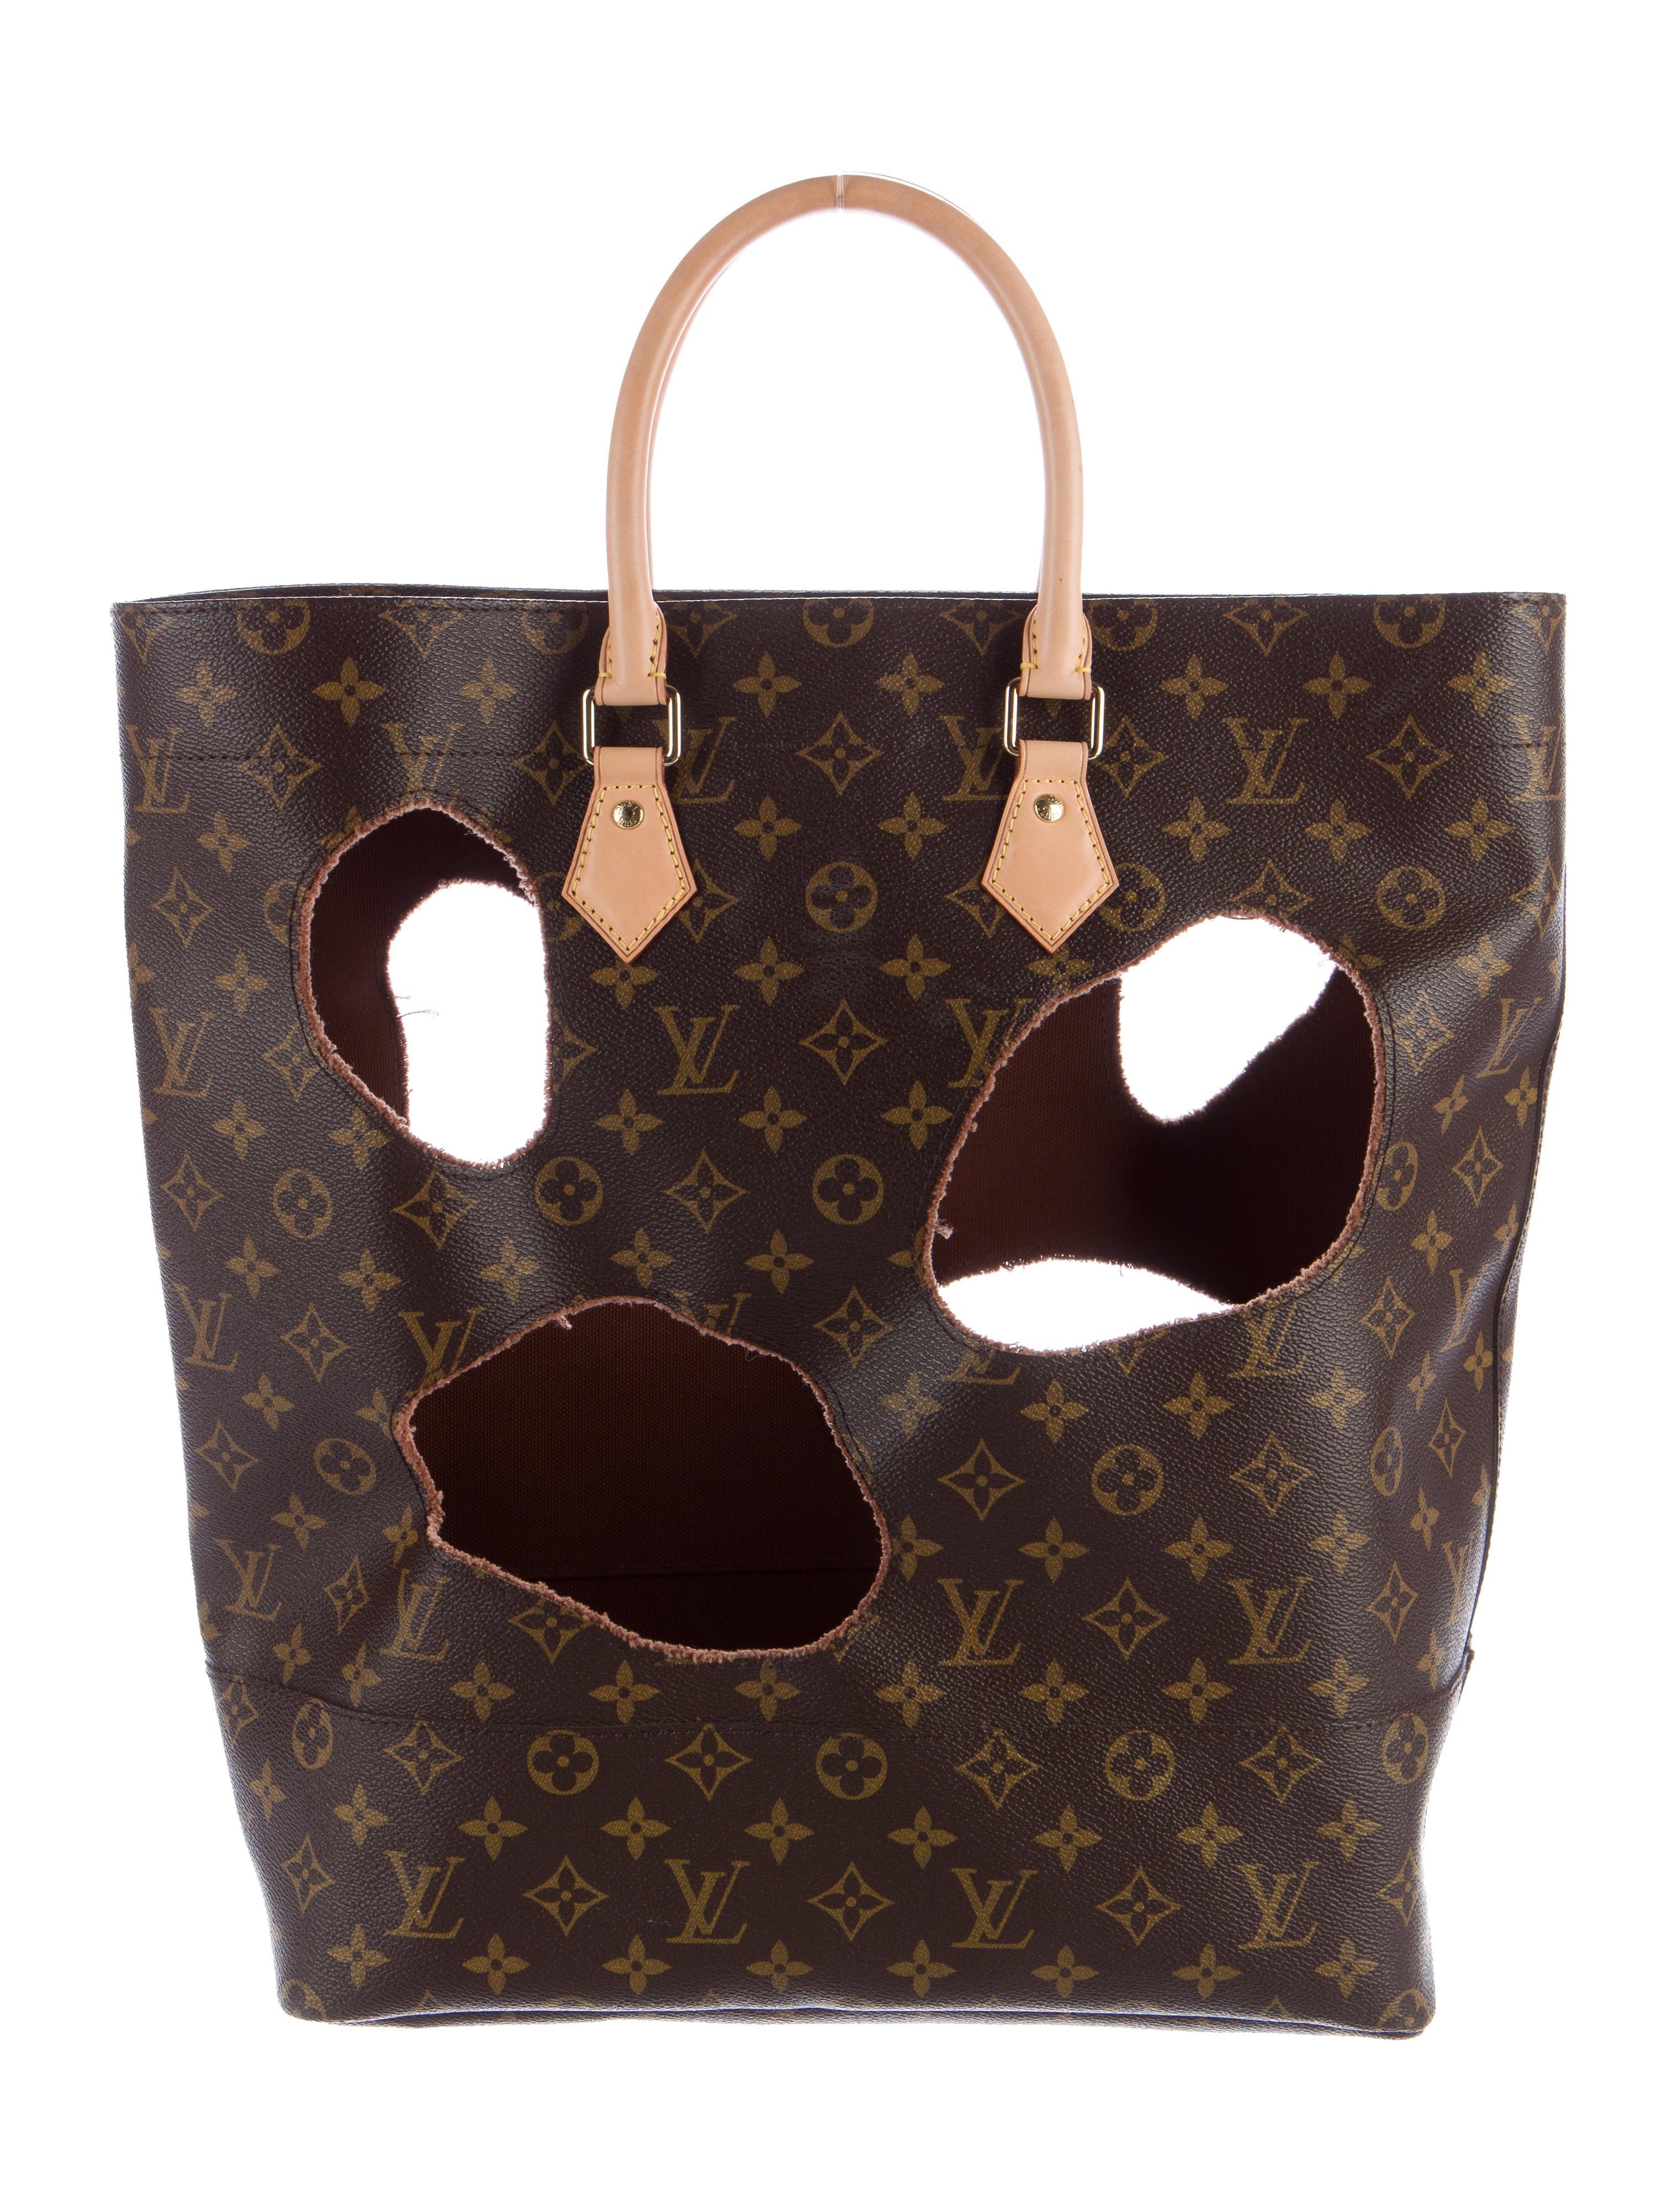 Rei Kawakubo for Louis Vuitton